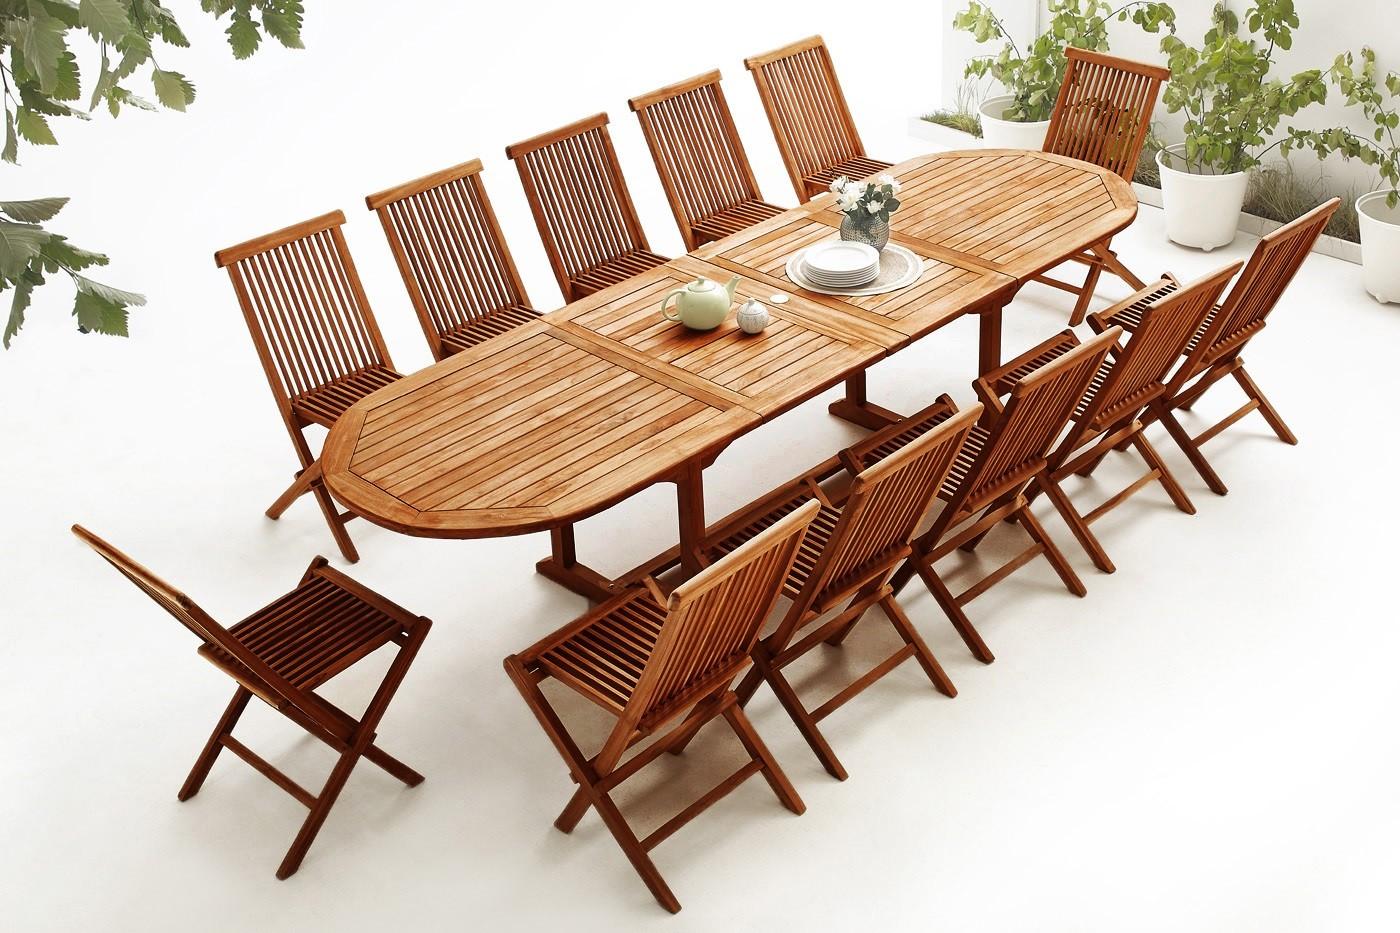 ovaler tisch mit 12 st hlen teak ge lt bobochic. Black Bedroom Furniture Sets. Home Design Ideas